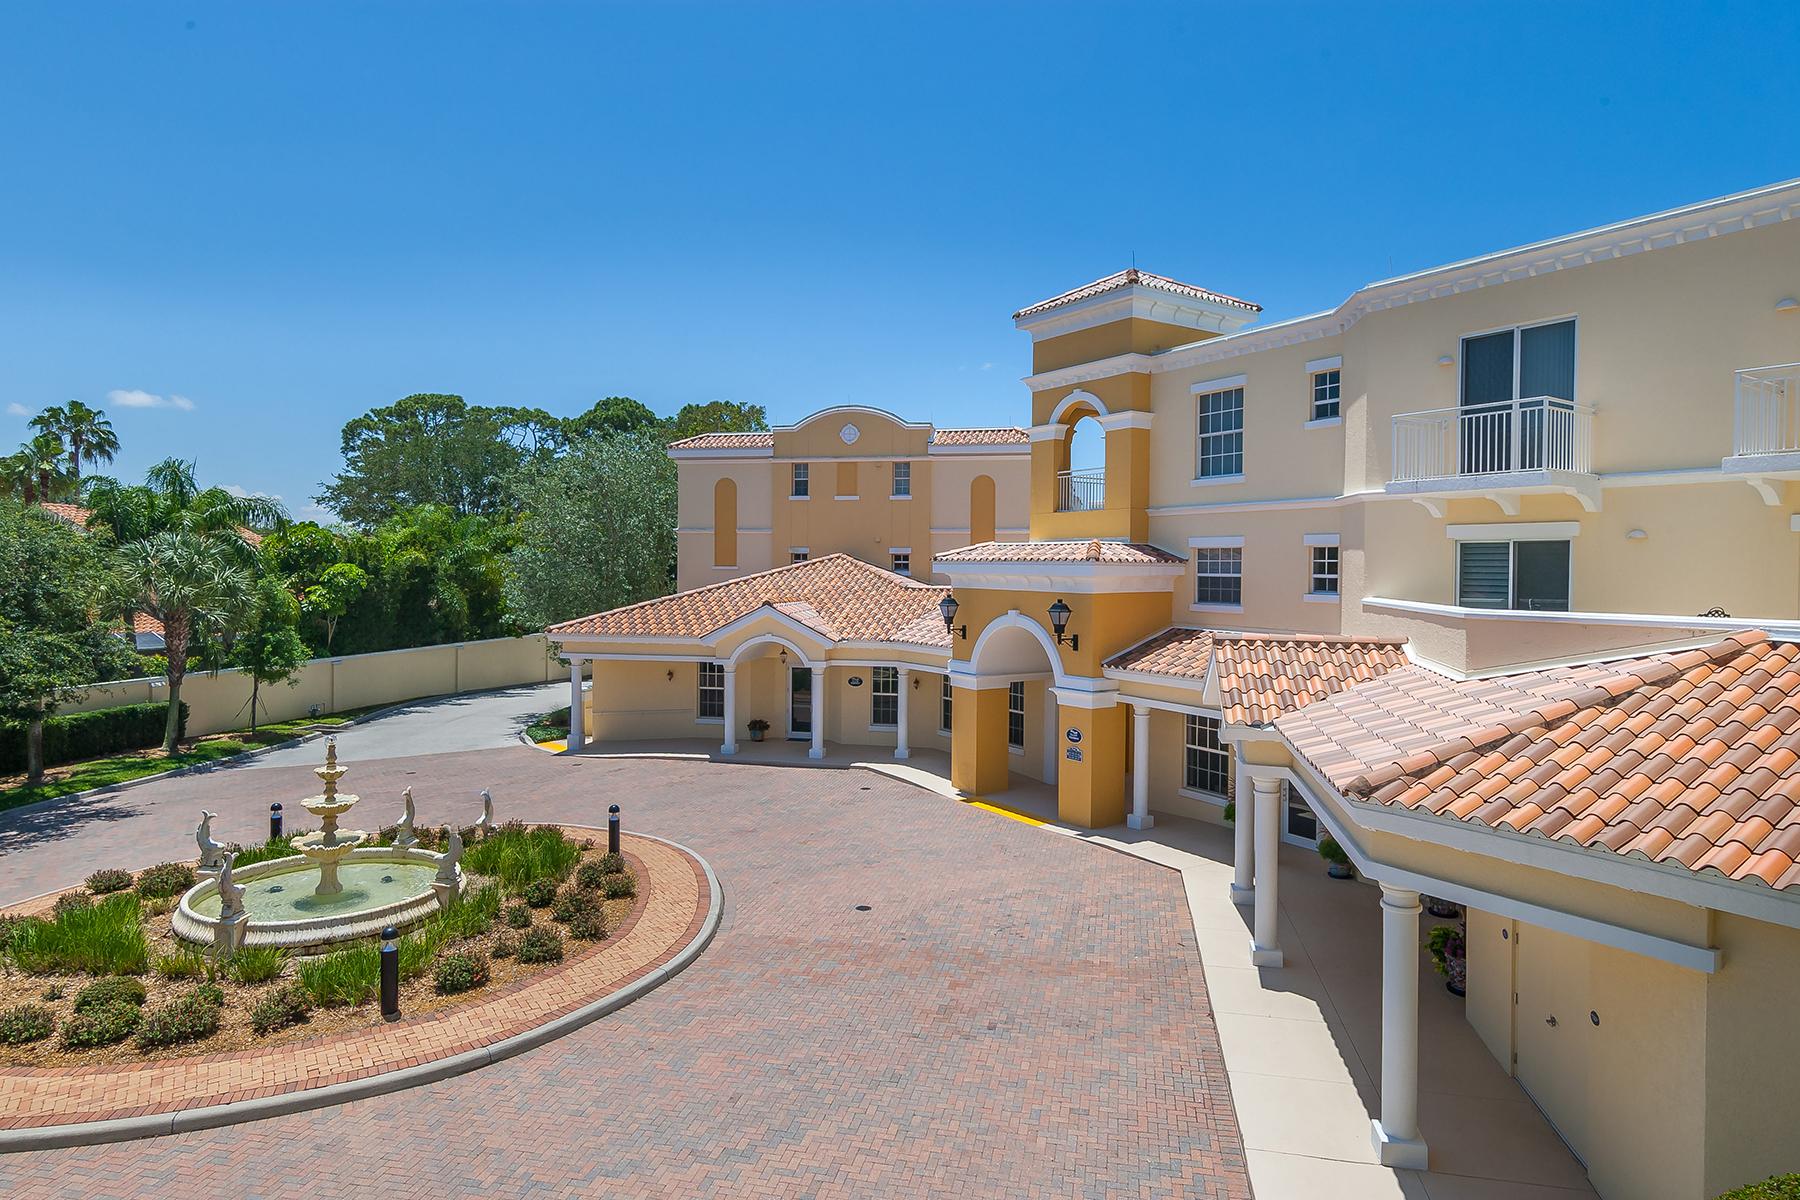 共管物業 為 出售 在 OSPREY 14021 Bellagio Way 308 Osprey, 佛羅里達州, 34229 美國